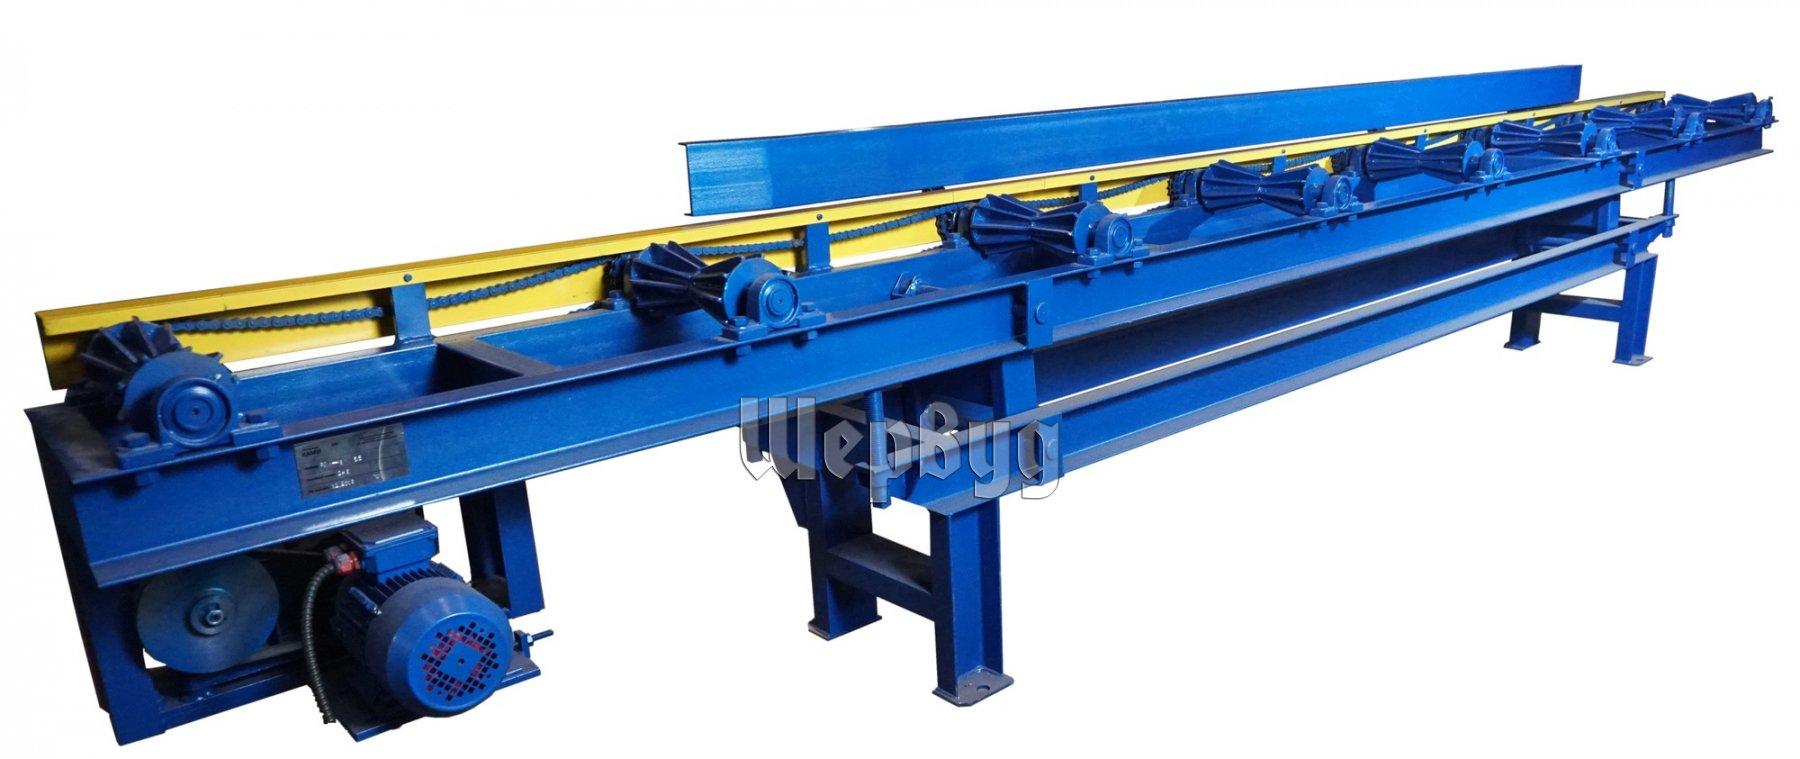 Приводные рольганги для металлообработки диплом скребковый конвейер